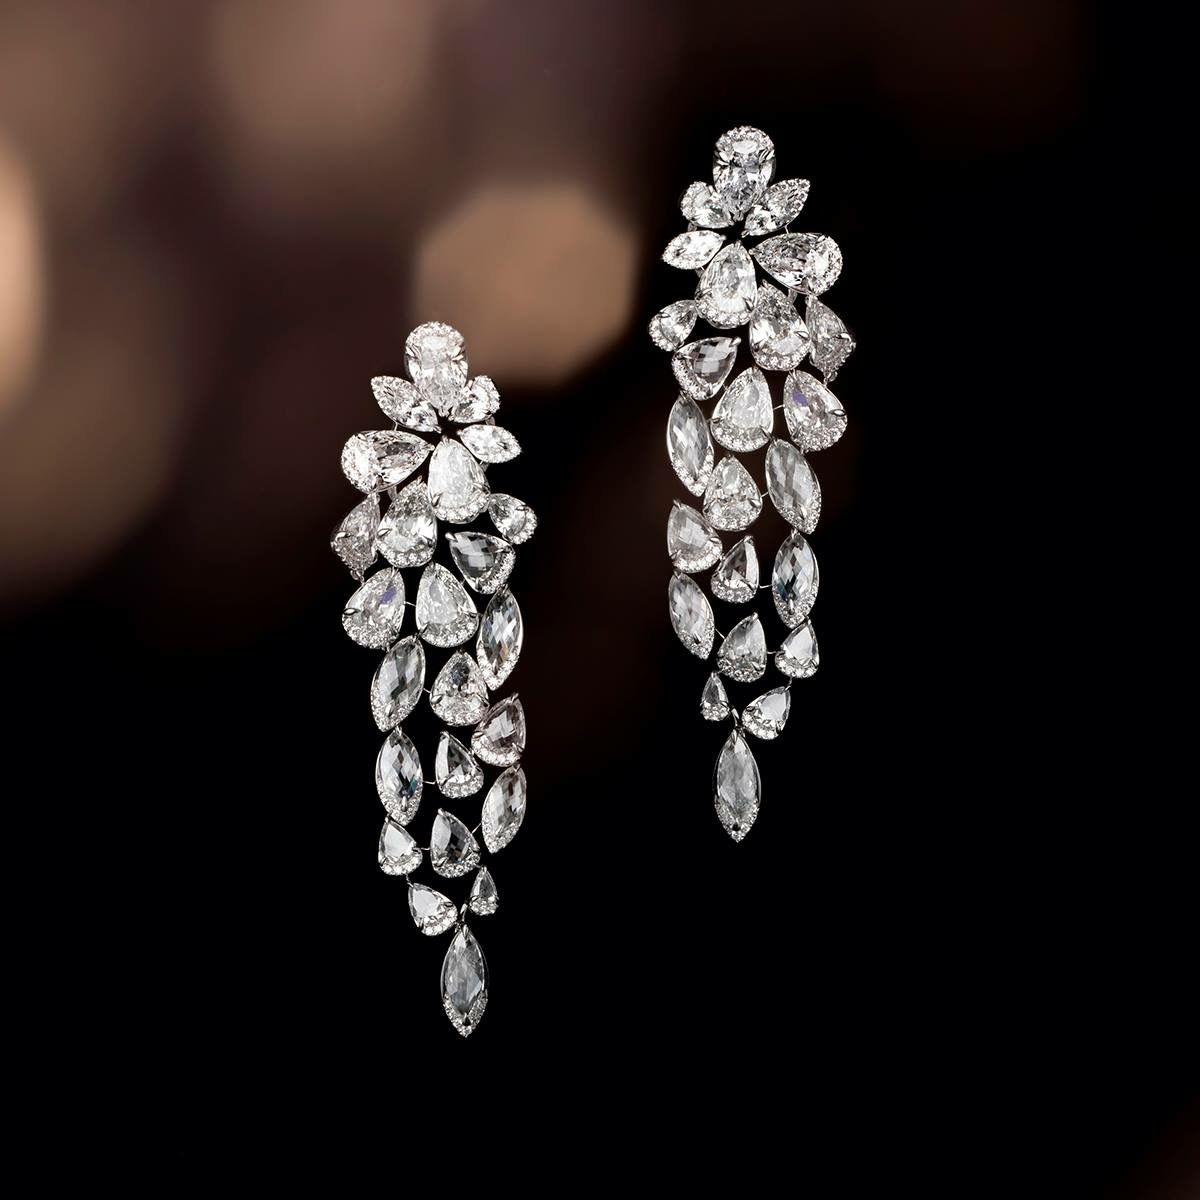 Pin By Jp Diamonds Dinesh On Designs Round Diamond Earrings Diamond Chandelier Earrings Wedding Earrings